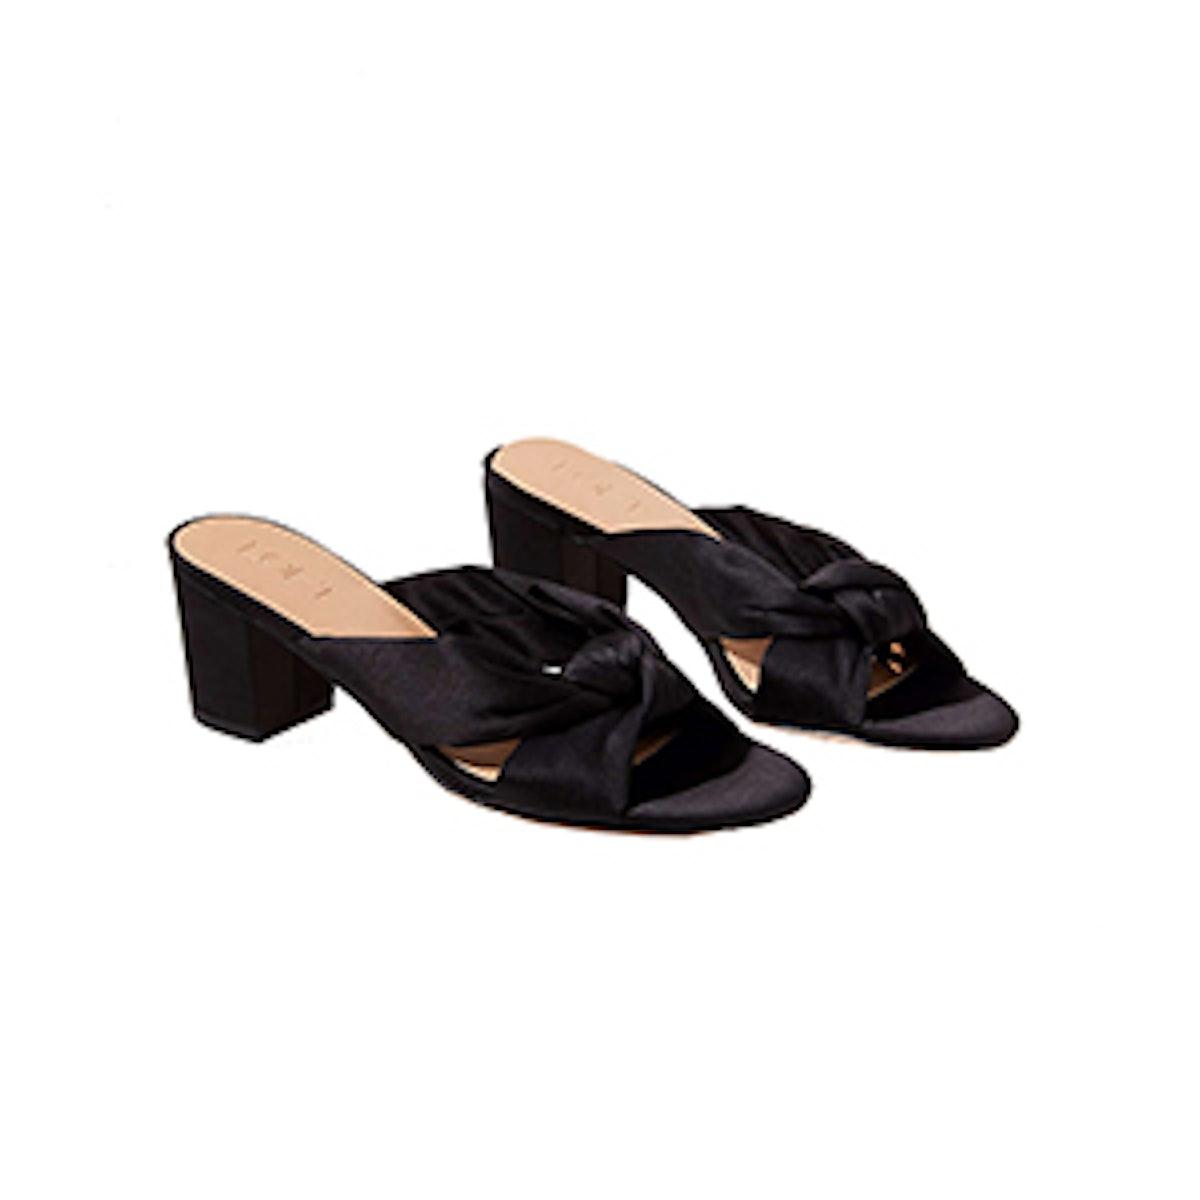 Satin Knot Slide Sandals